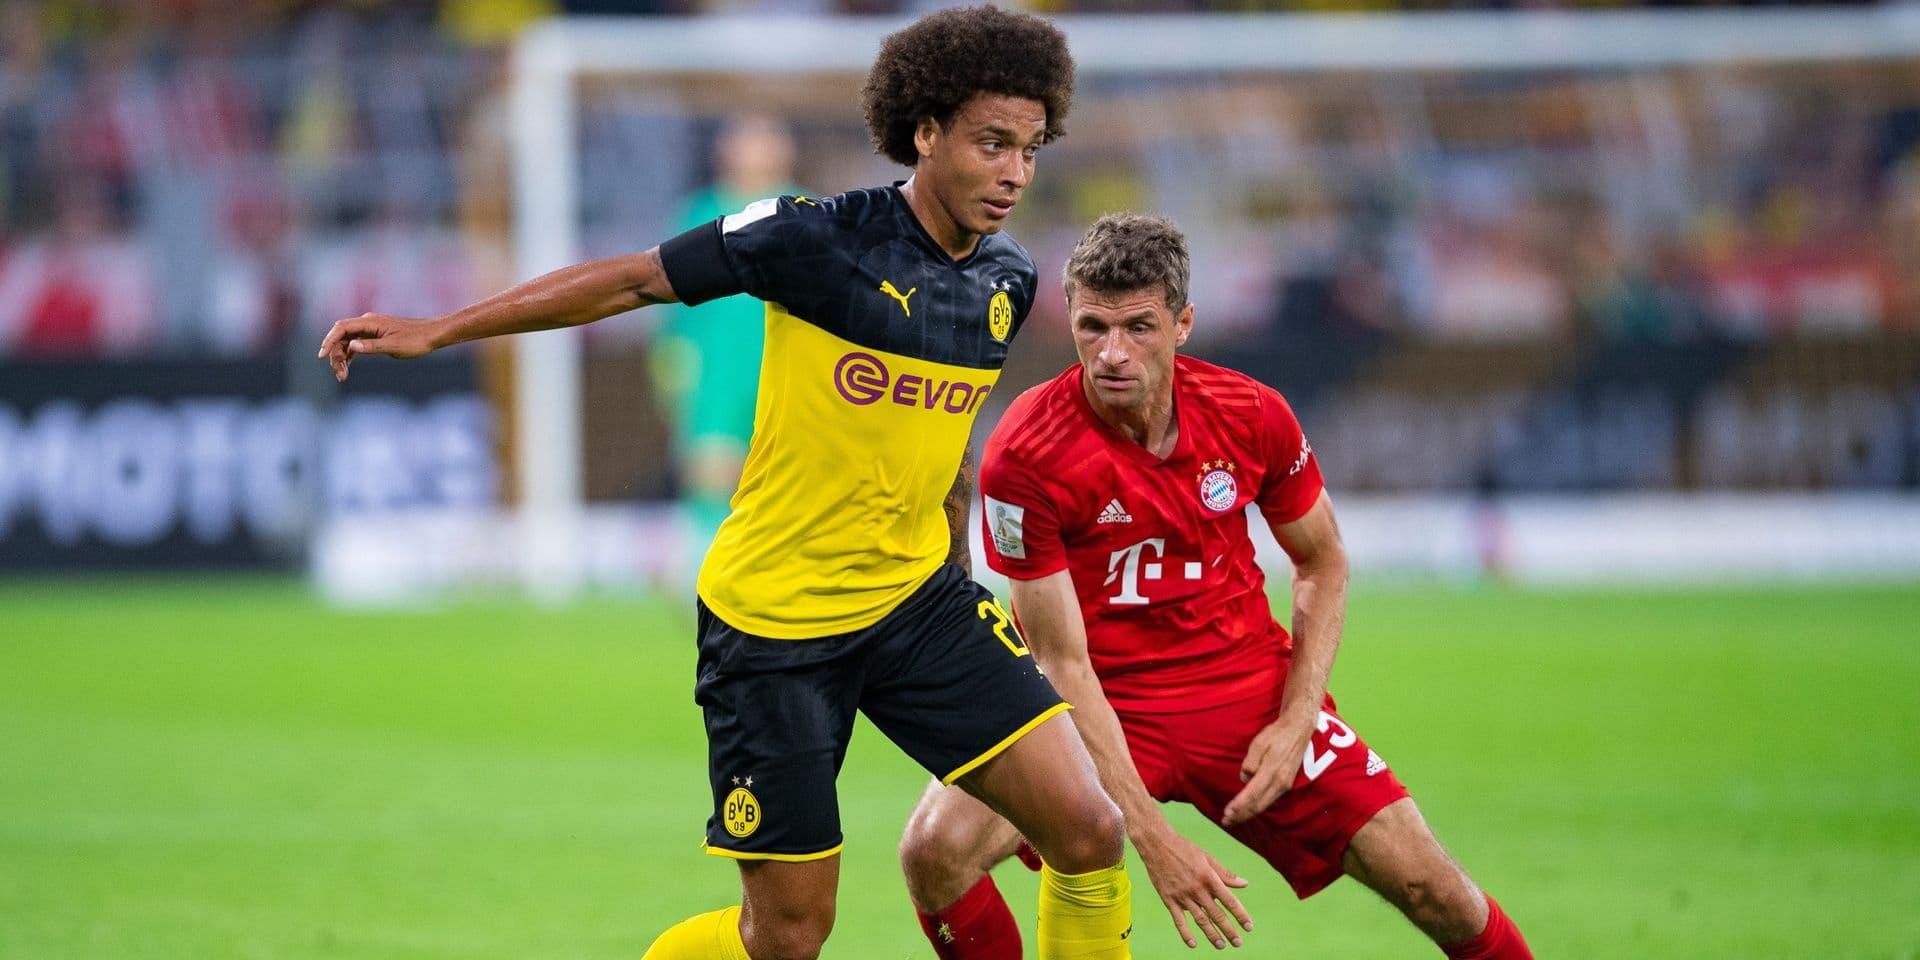 Vous avez pu suivre le choc Borussia Dortmund - Bayern Munich en direct vidéo